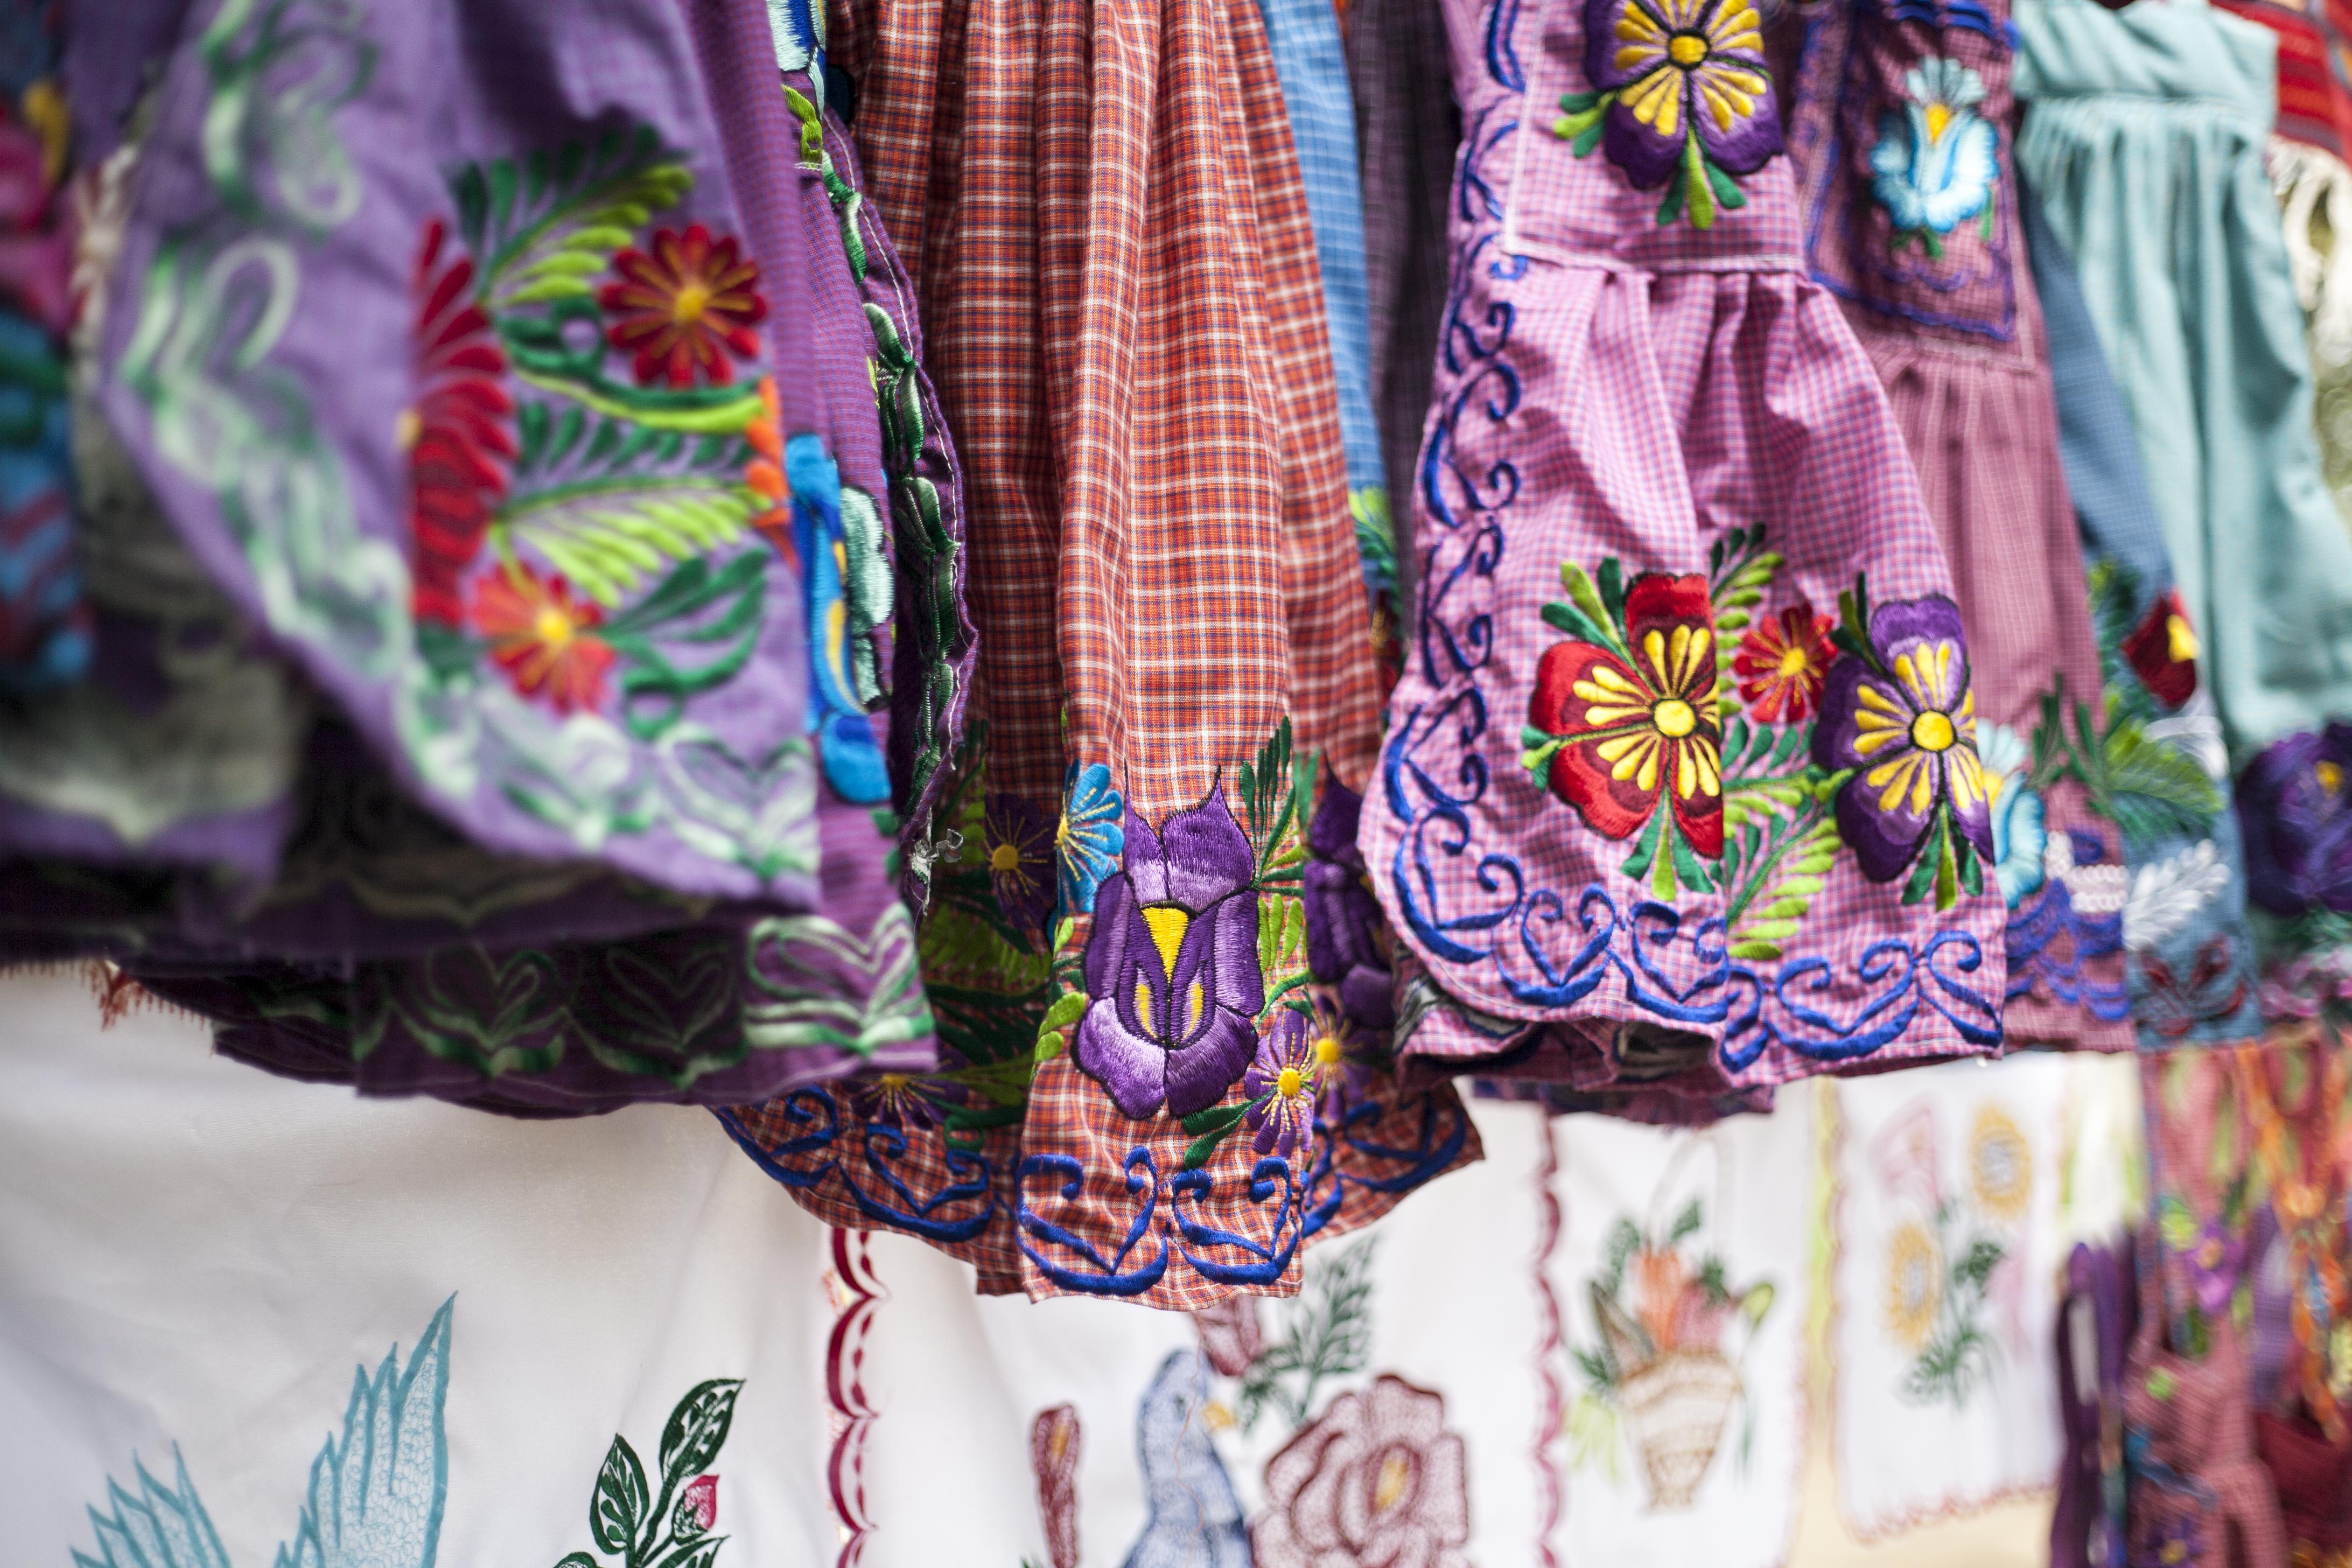 Aprons from San Miguel del Valle made by Fundación En Vía borrowers